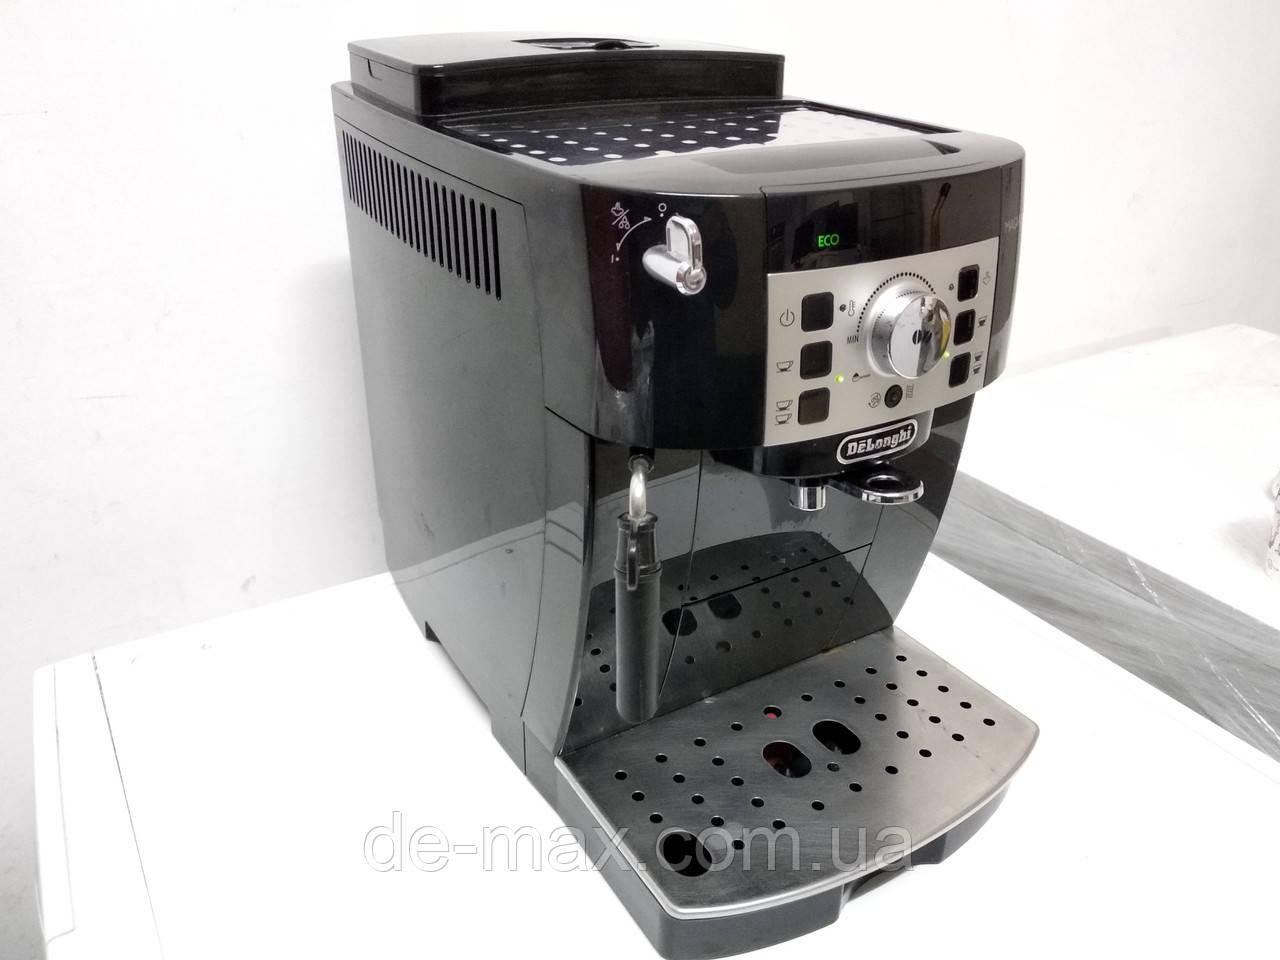 Кофеварка кофемашина Делонги Delonghi ECAM 22.110.B черная